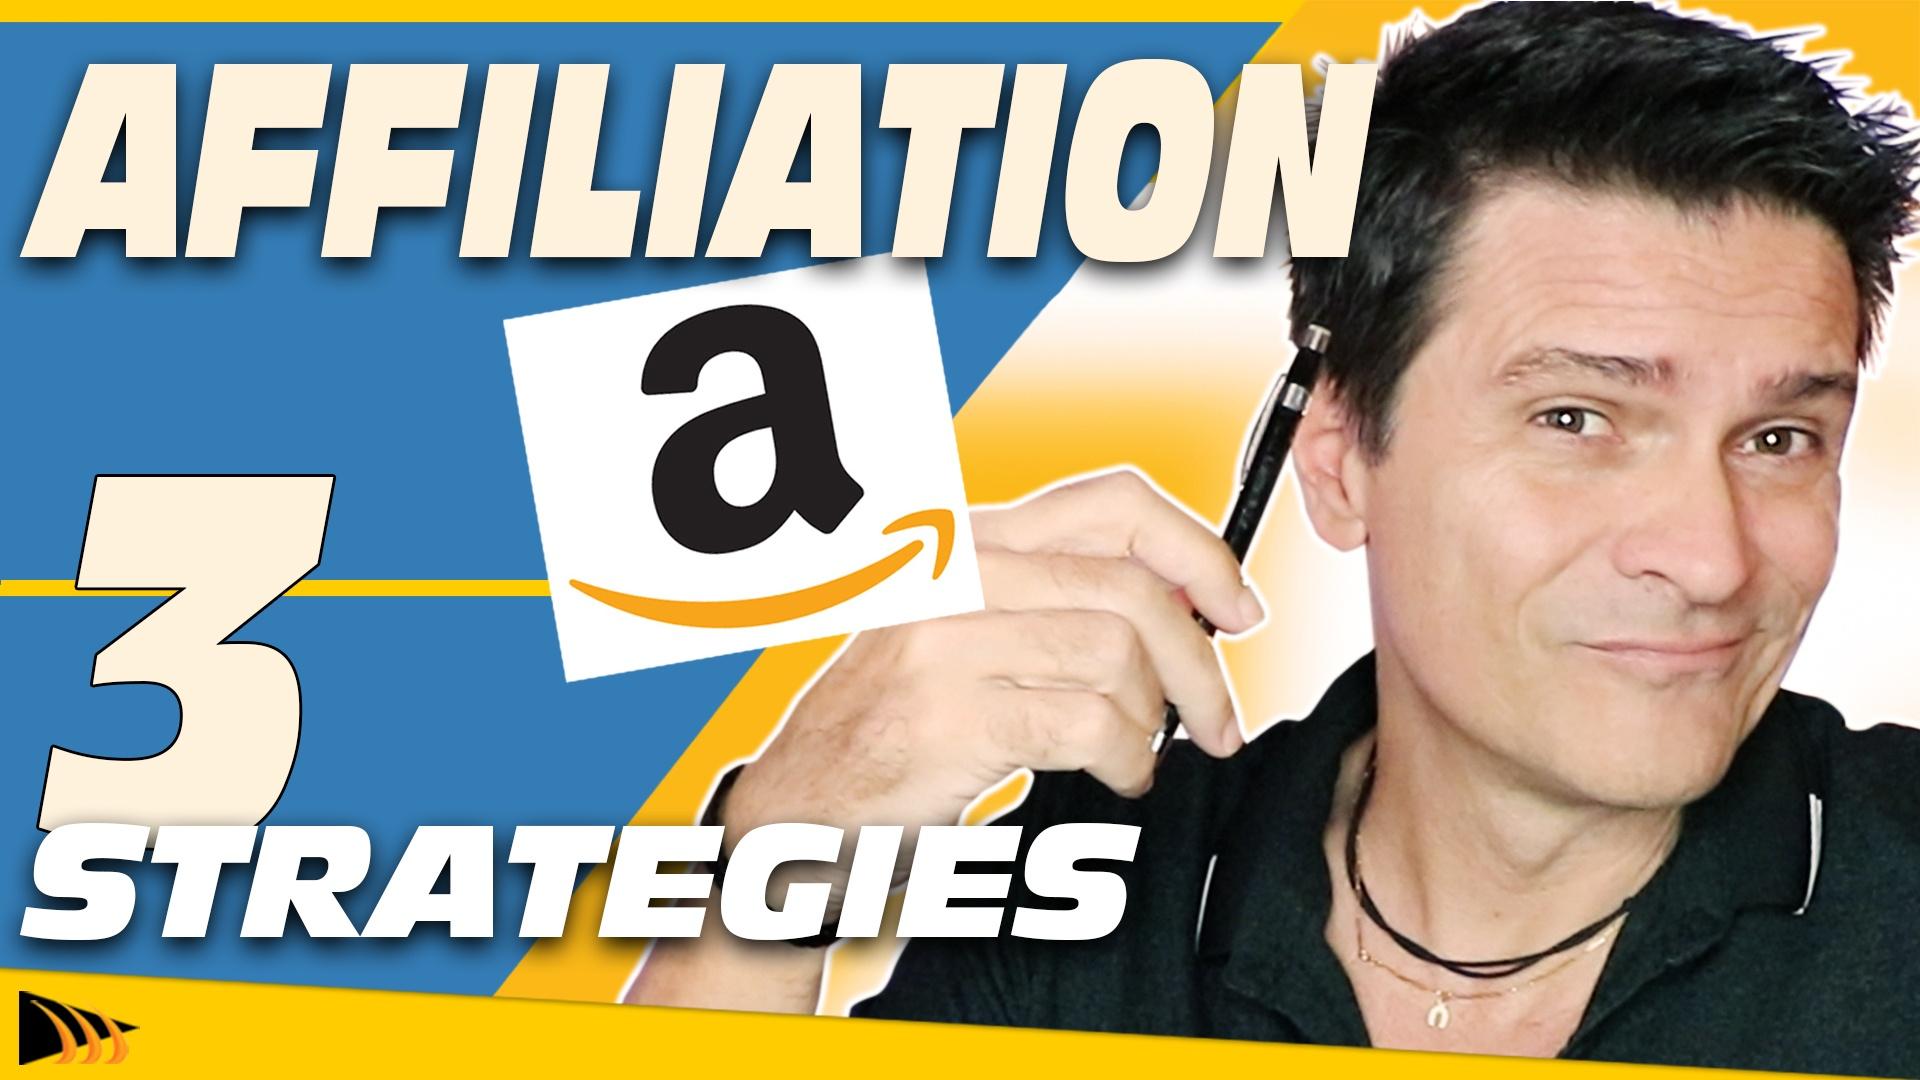 Comment faire de l'affiliation sur Amazon : 3 Stratégies simple pour vendre un produit en ligne